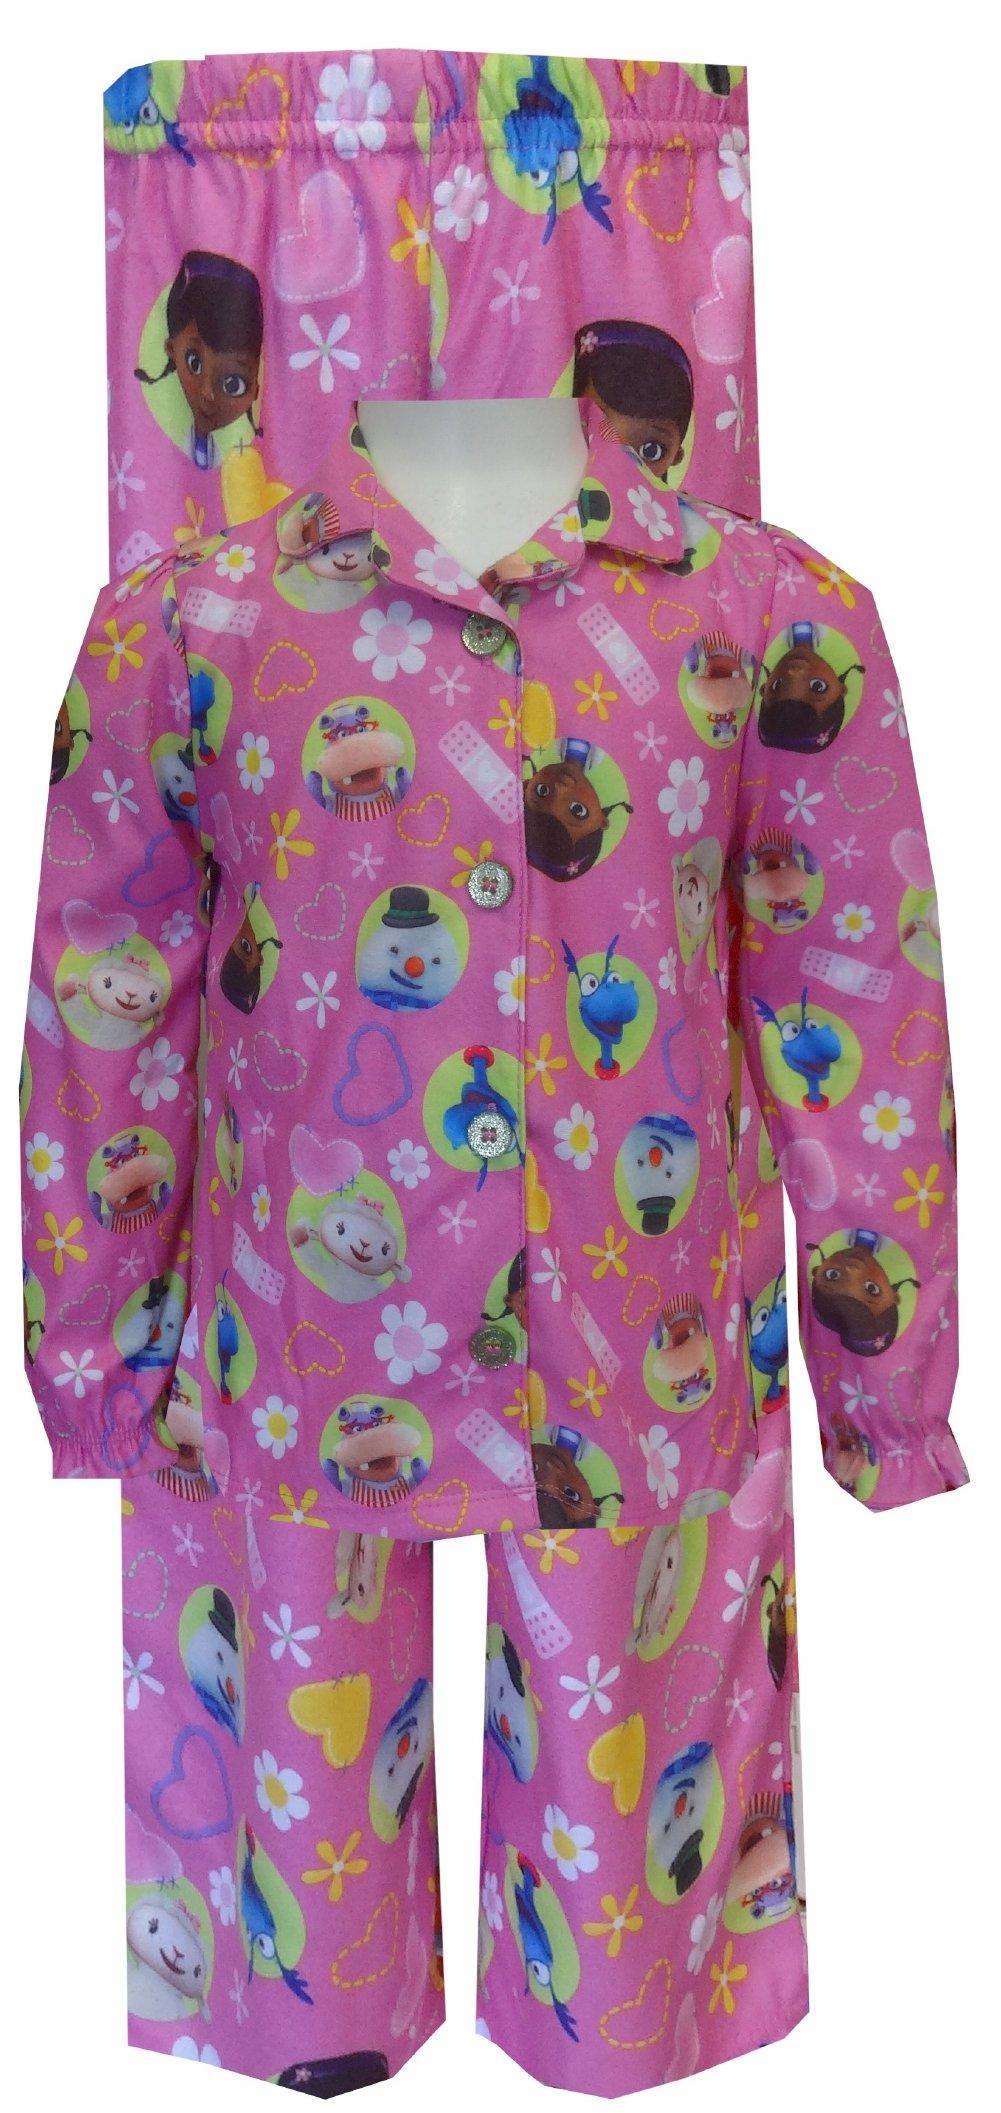 Komar Kids Little Girls' Doc Mcstuffin 2 Piece Coat Set, Pink, 2T